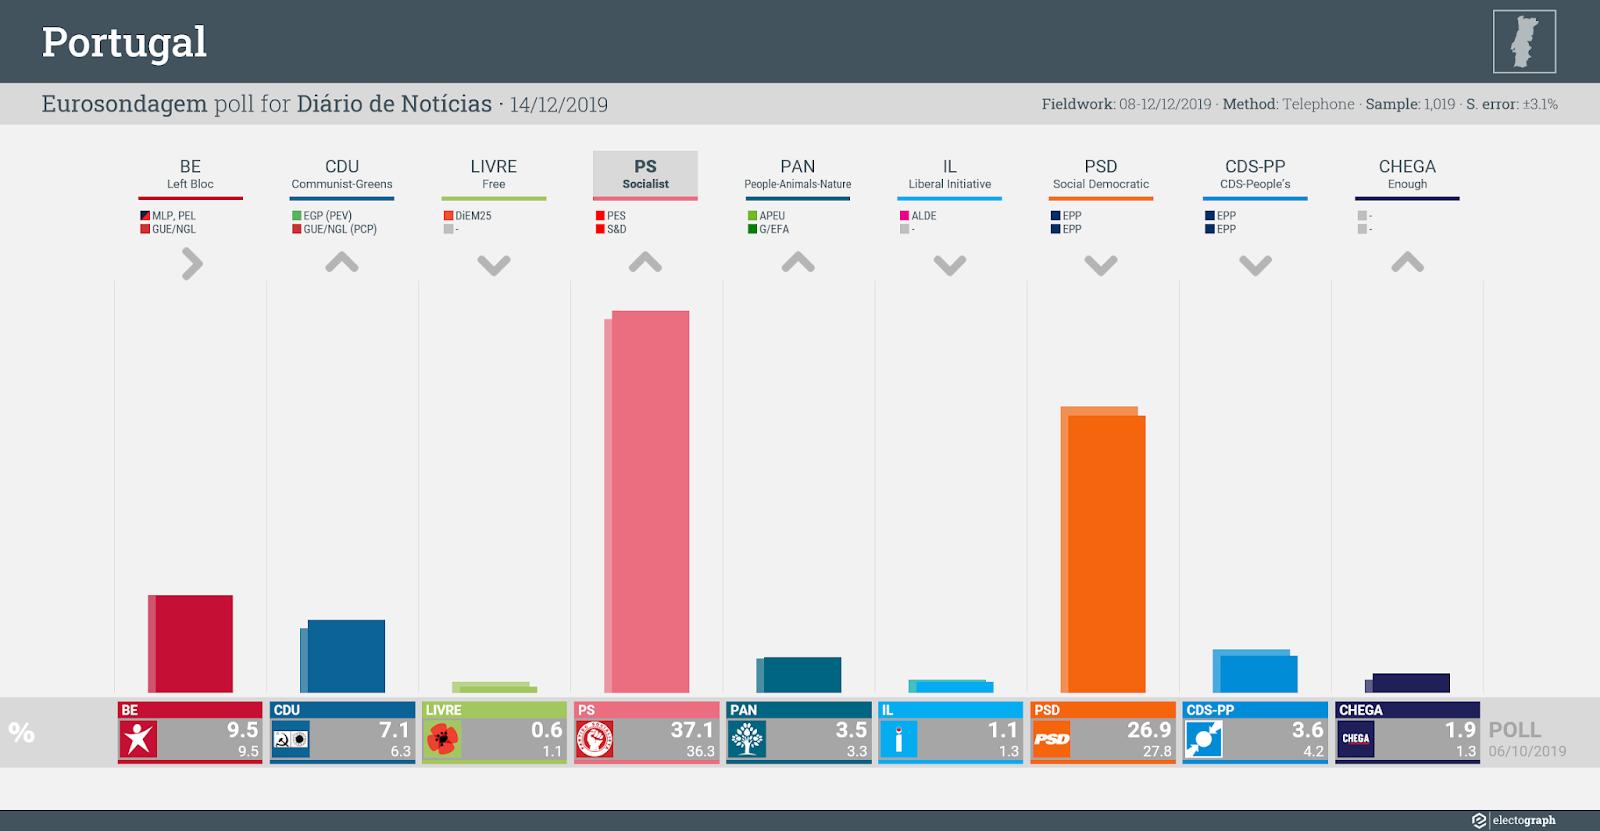 PORTUGAL: Eurosondagem poll chart for Diário de Notícias, 14 December 2019